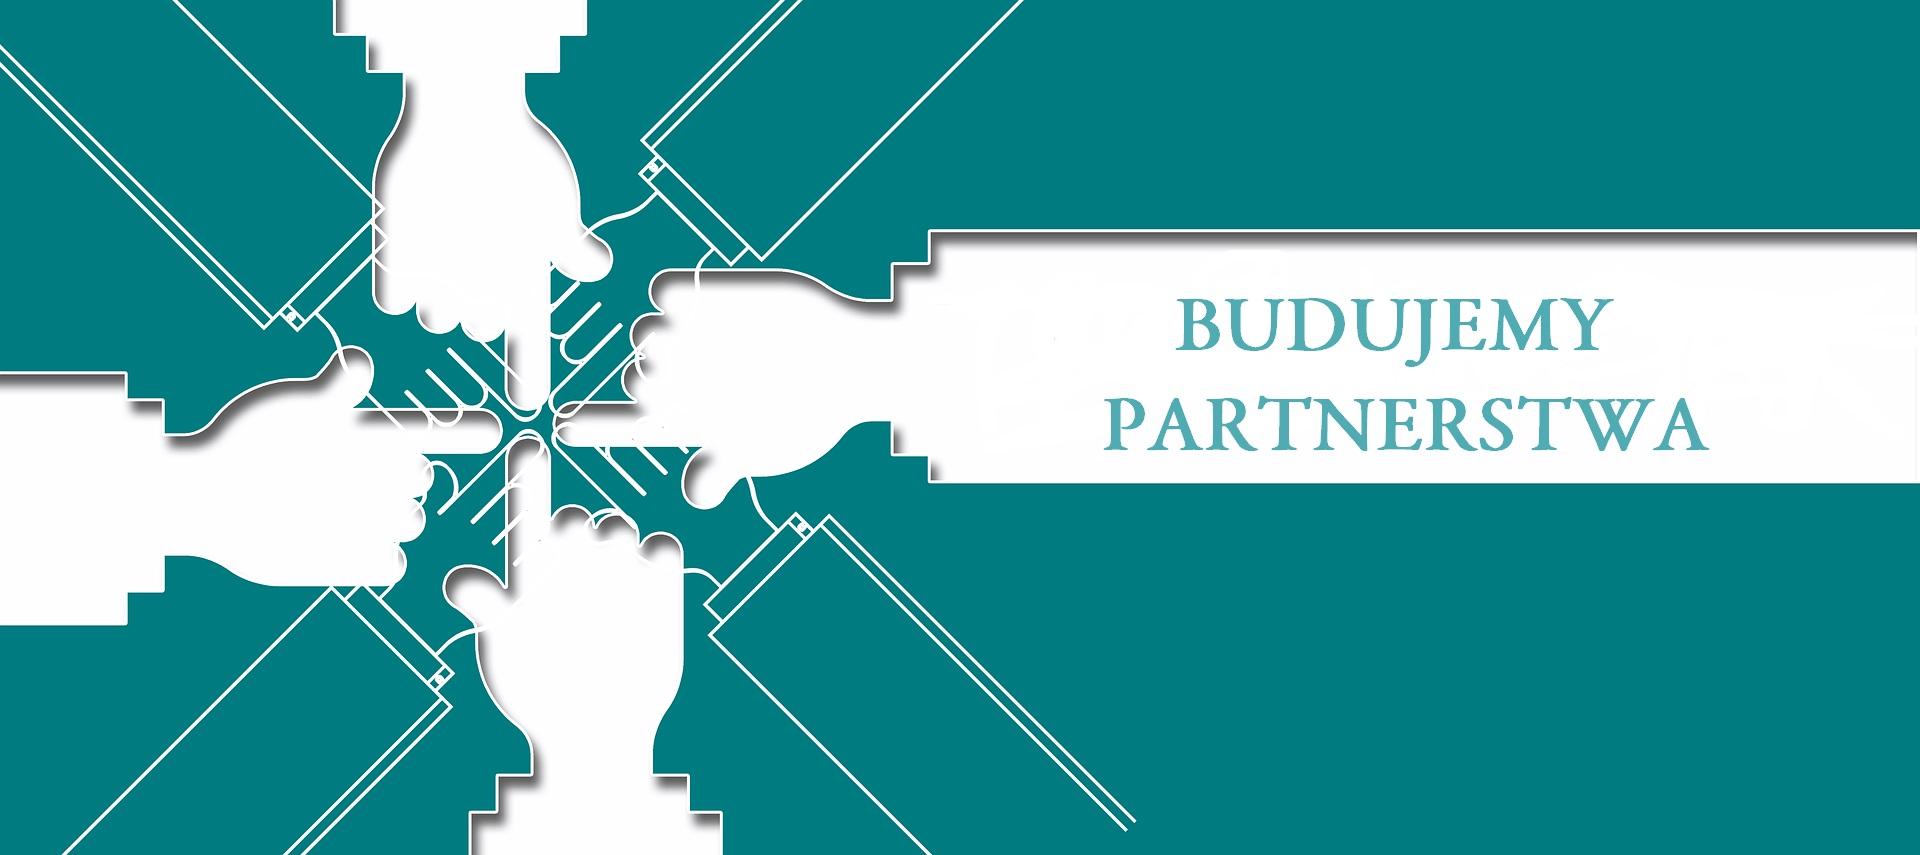 budujemy partnerstwa